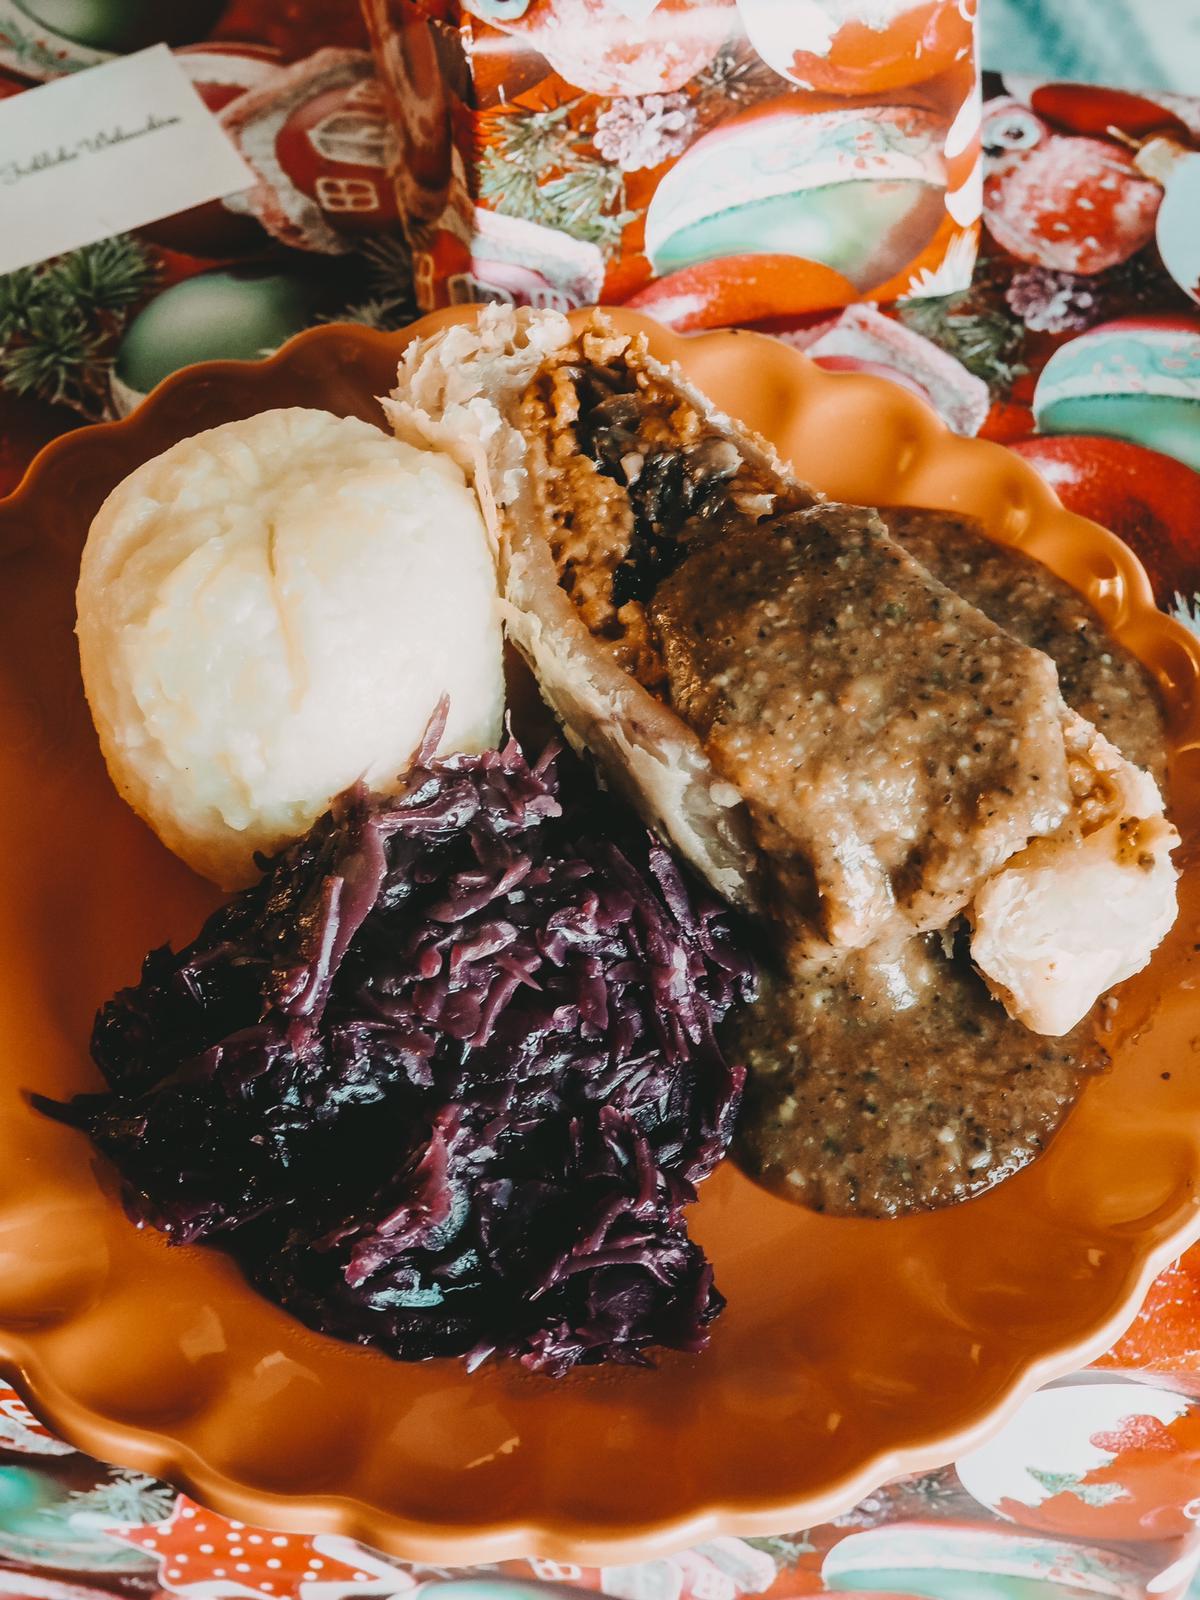 Veganer Festtagsbraten mit Pilzsauce mit Rotkraut und Klößen.